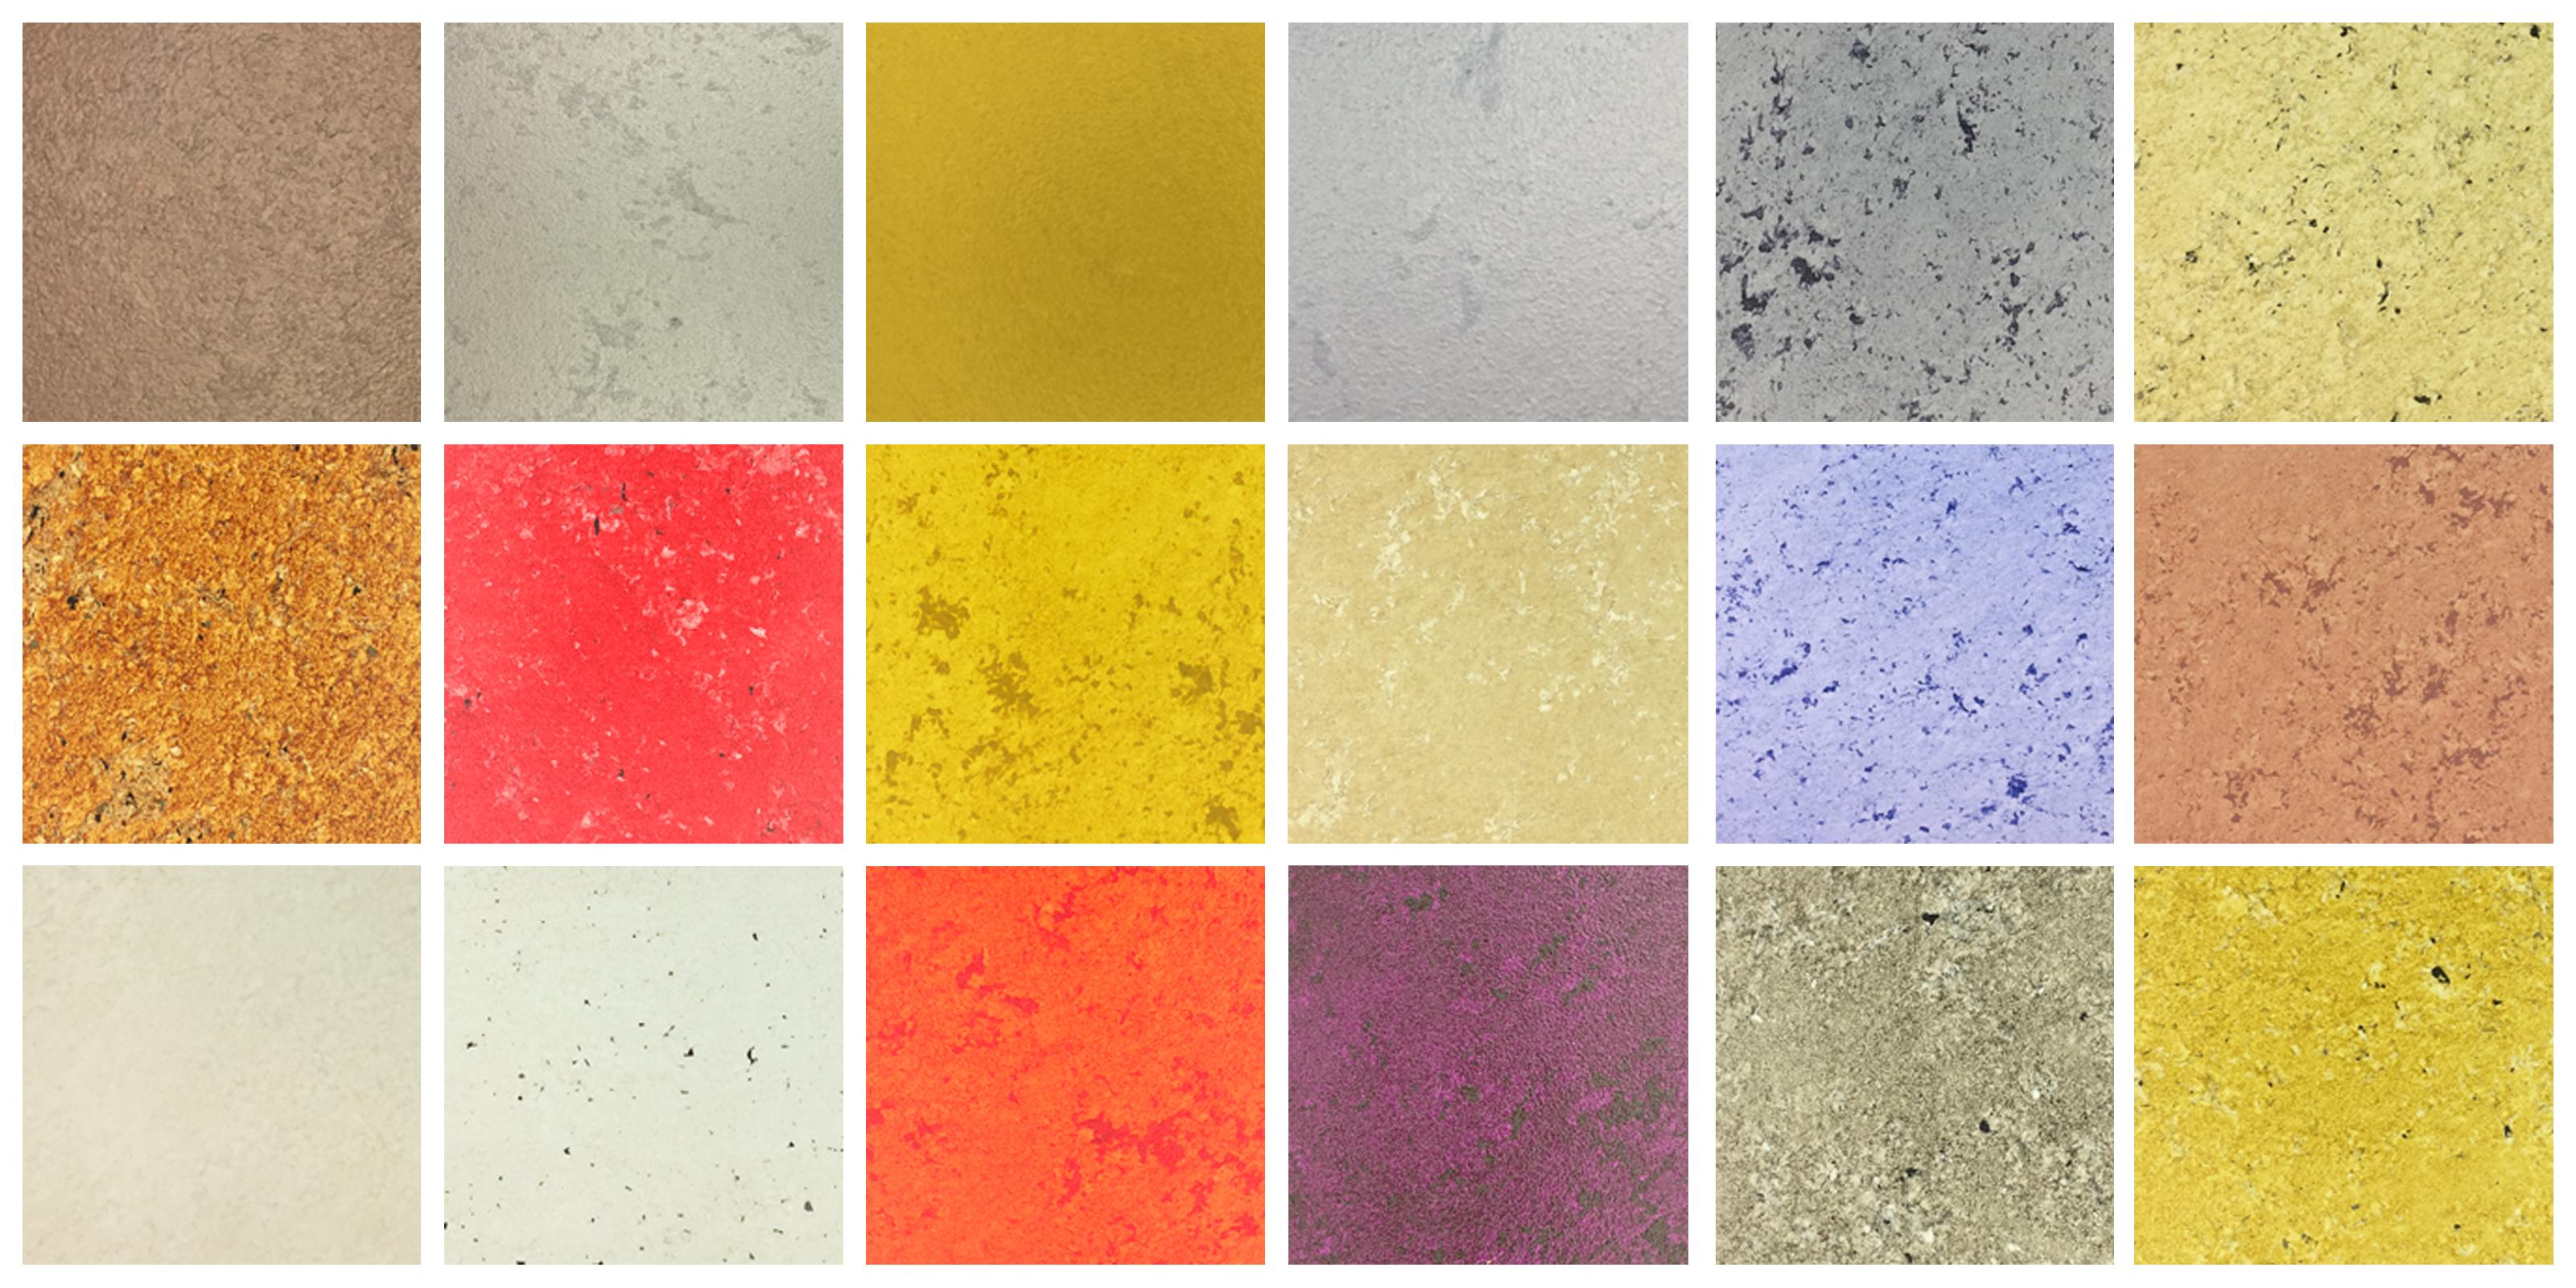 artellic-kleurstalen-klein2x